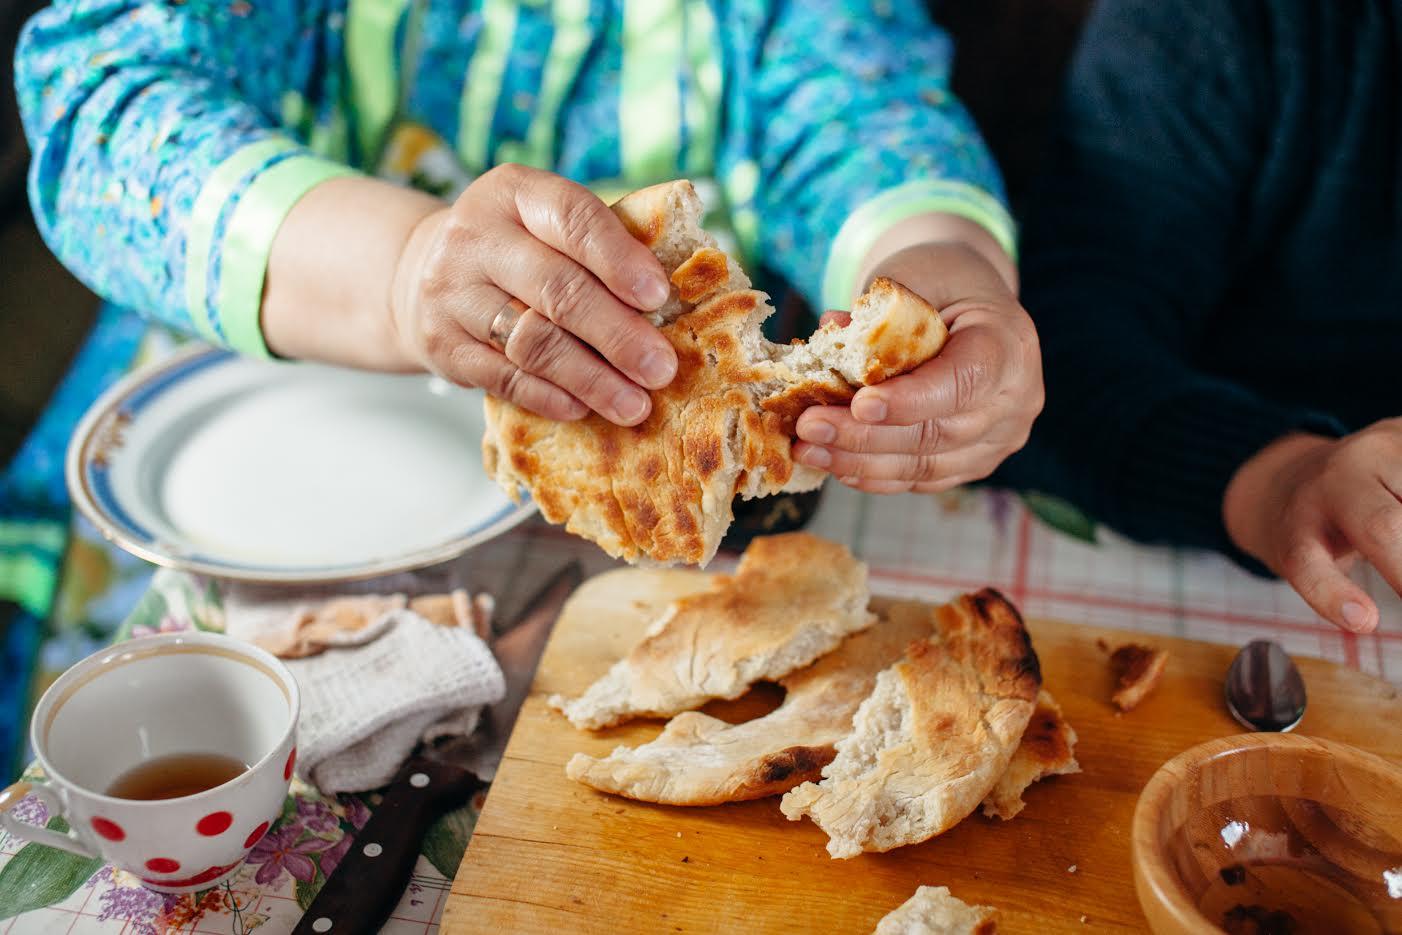 Мислите, че вече сте опитали всичко? Пробвайте тези северни деликатеси: може и да са необикновени, но са вкусни.